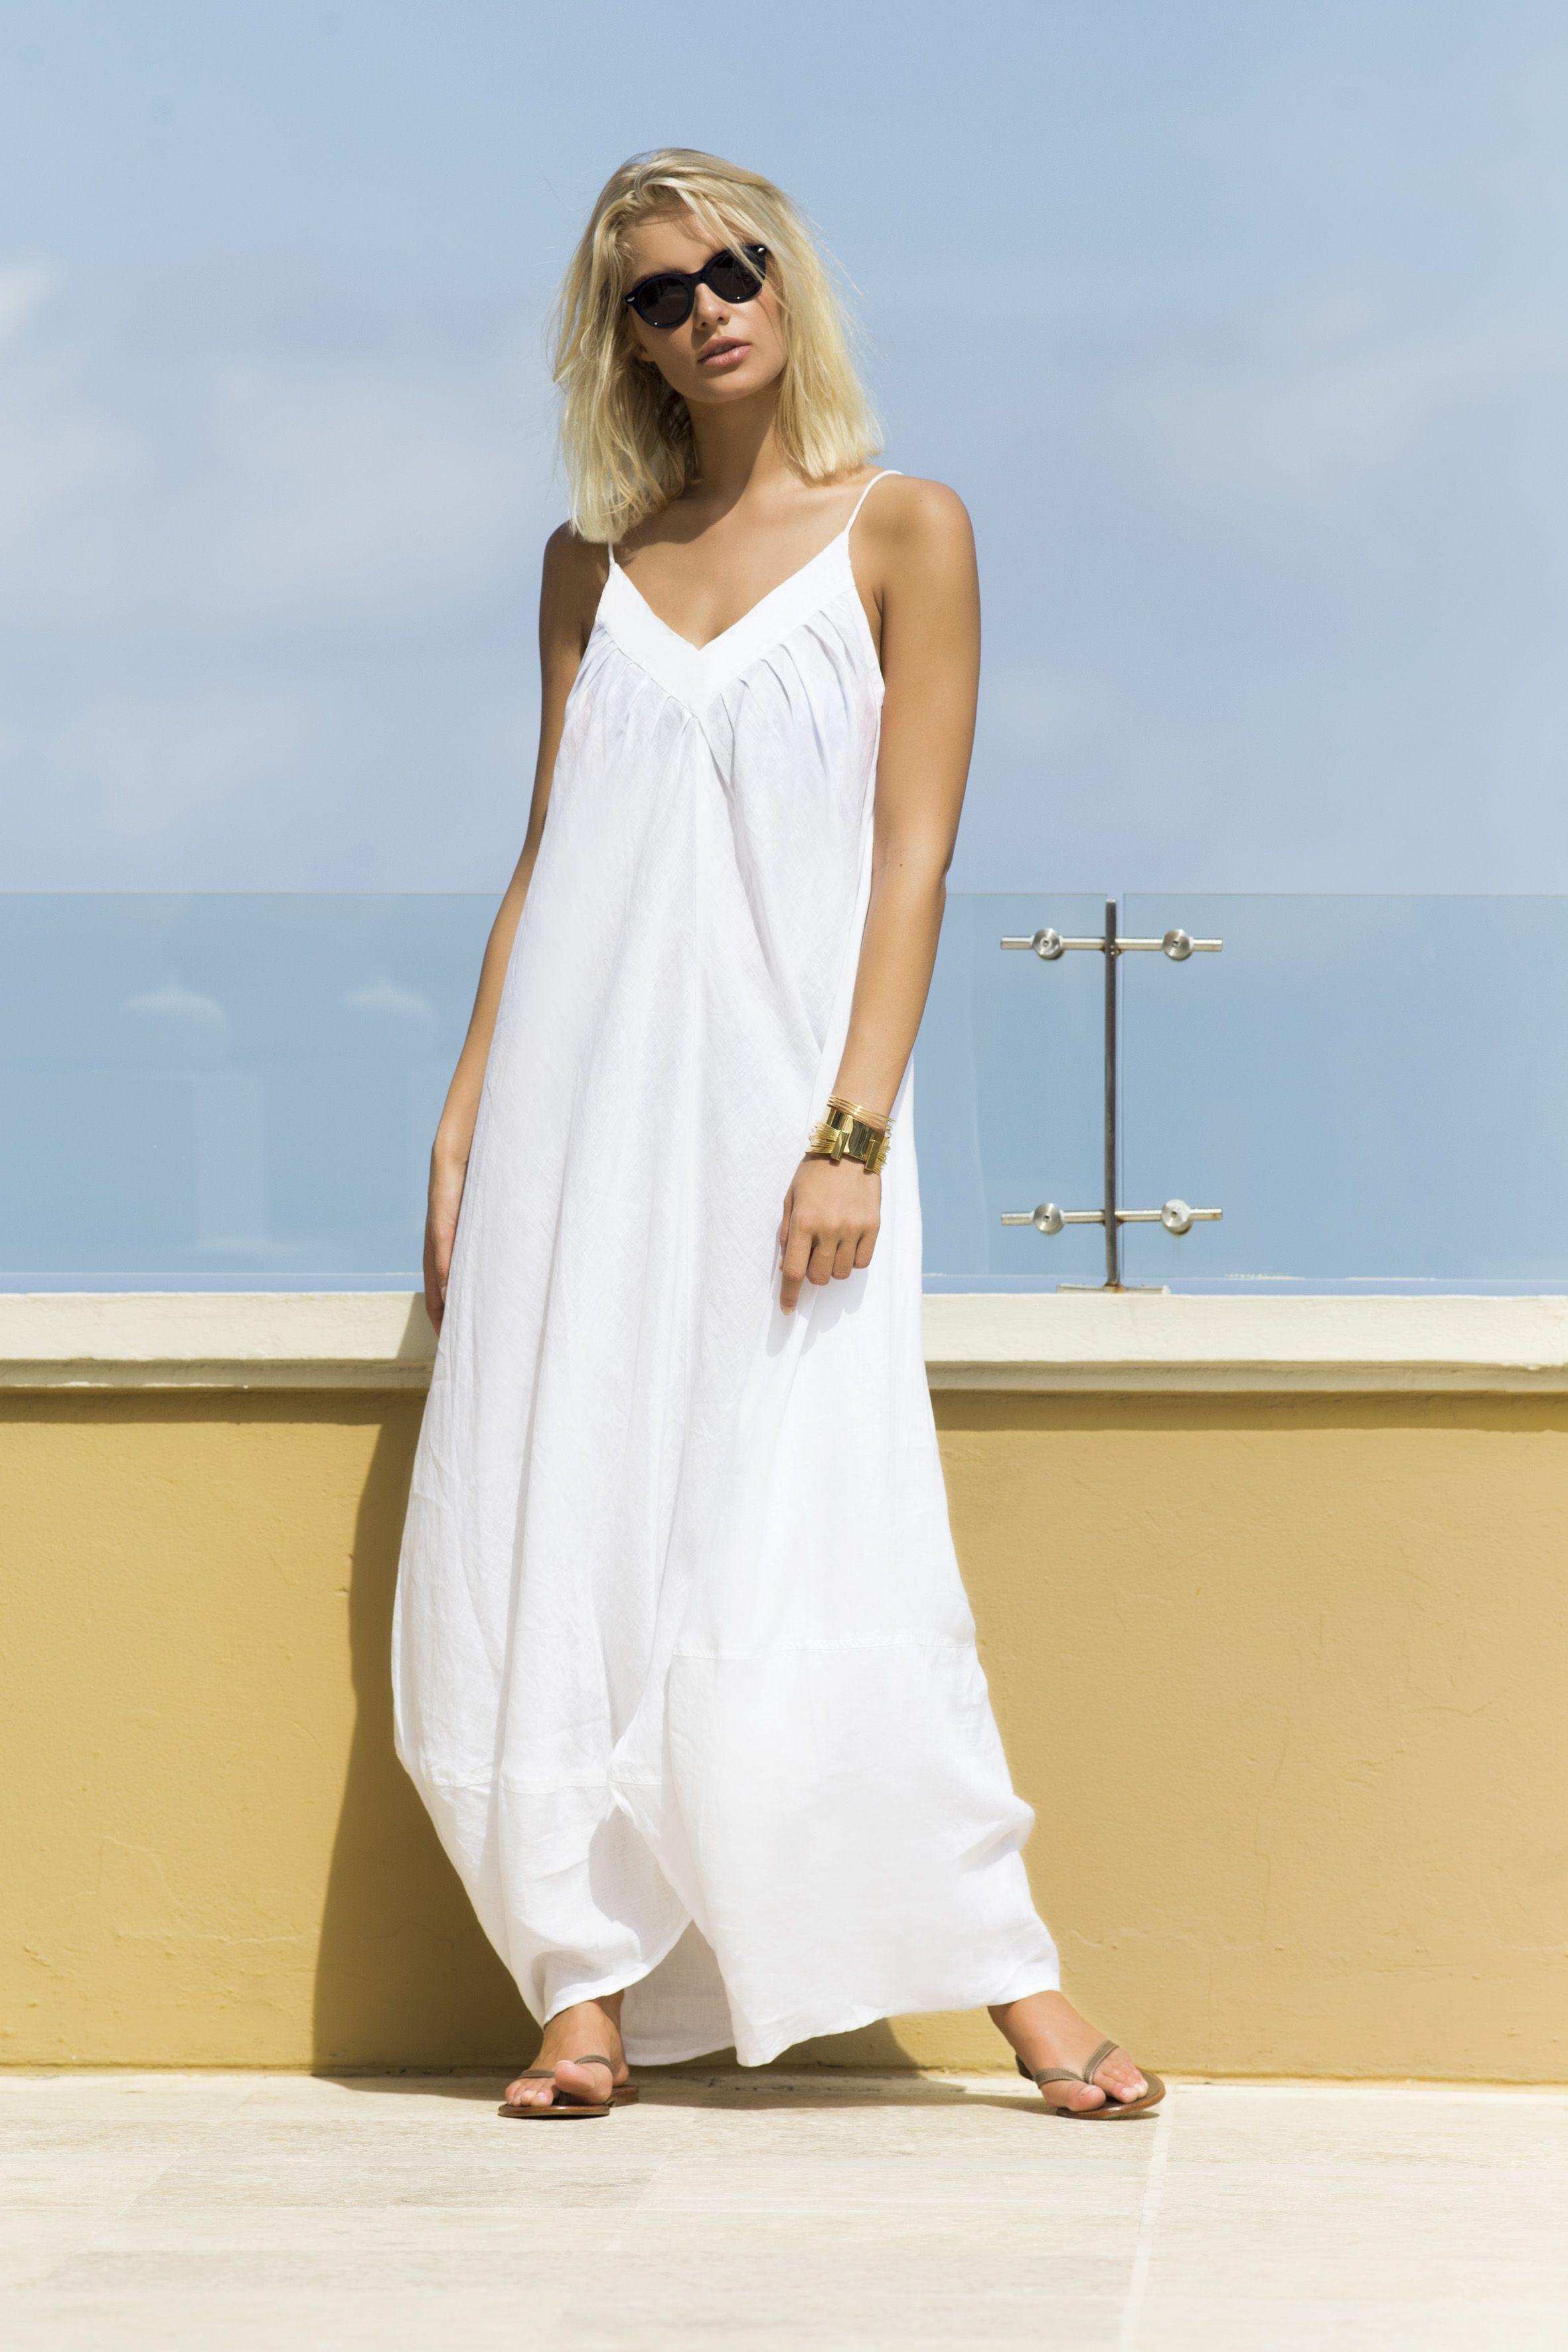 3acaf4f18f2b White Linen Maxi Dress / Shop Online at www.touche.com.co Touche ...